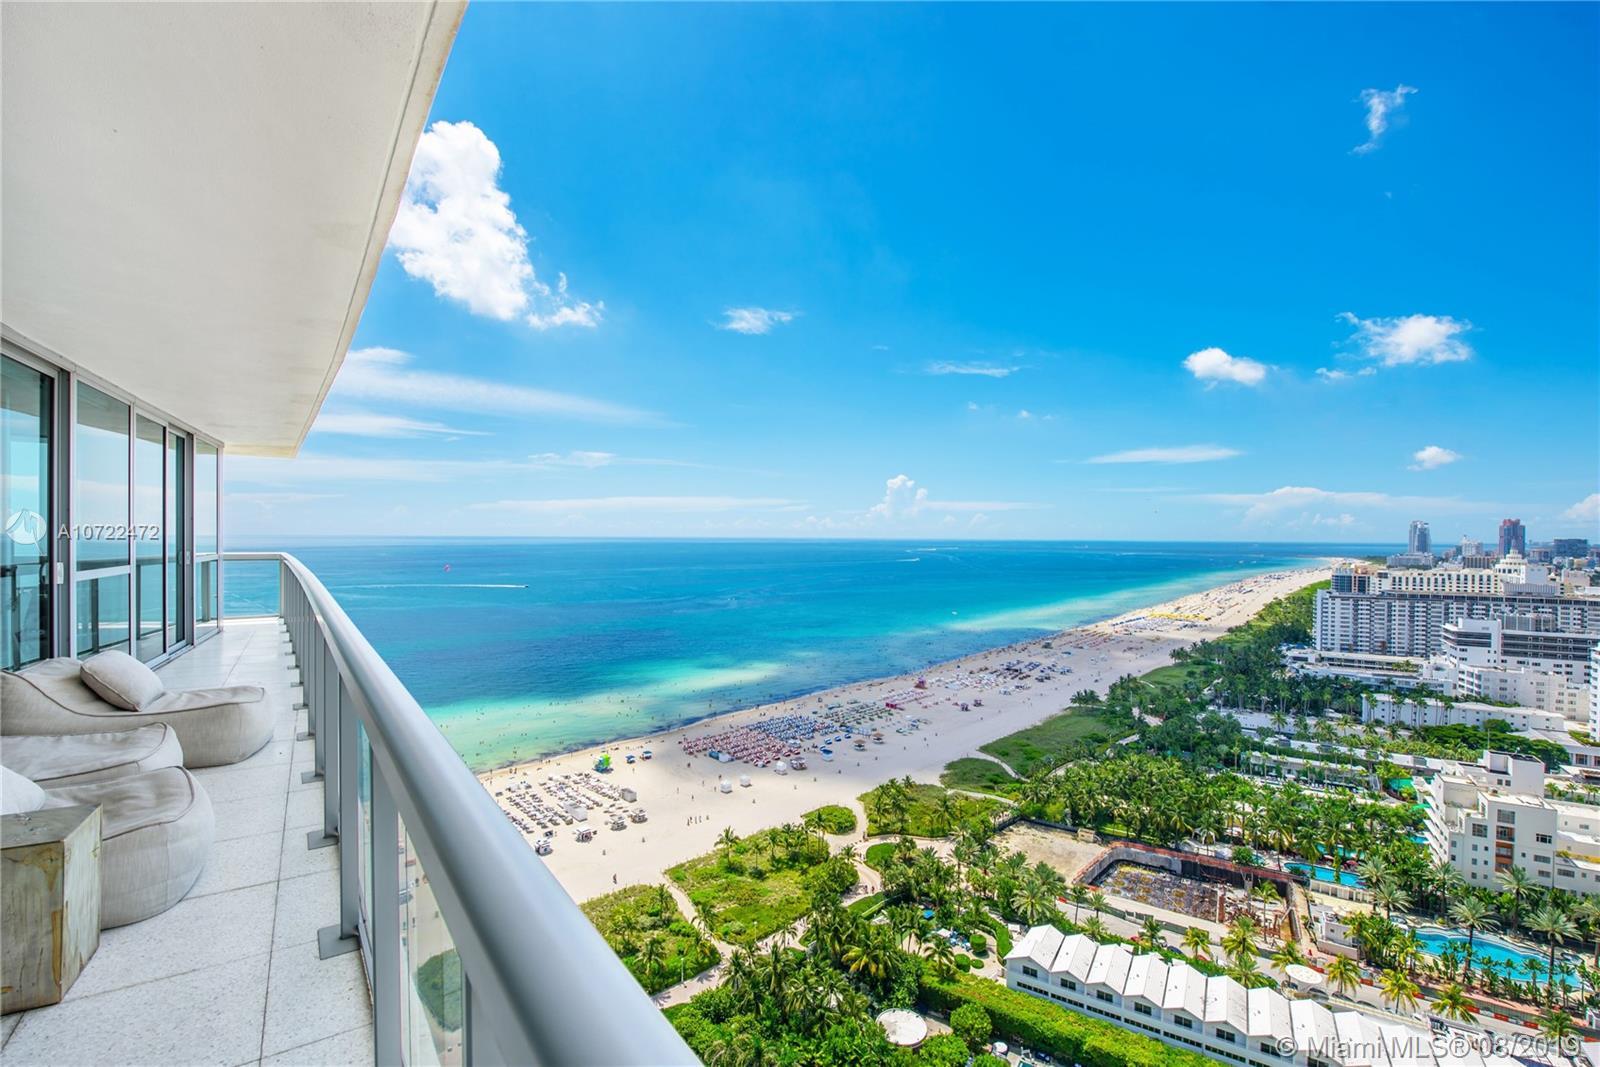 101 20th st-3208 miami-beach-fl-33139-a10722472-Pic10